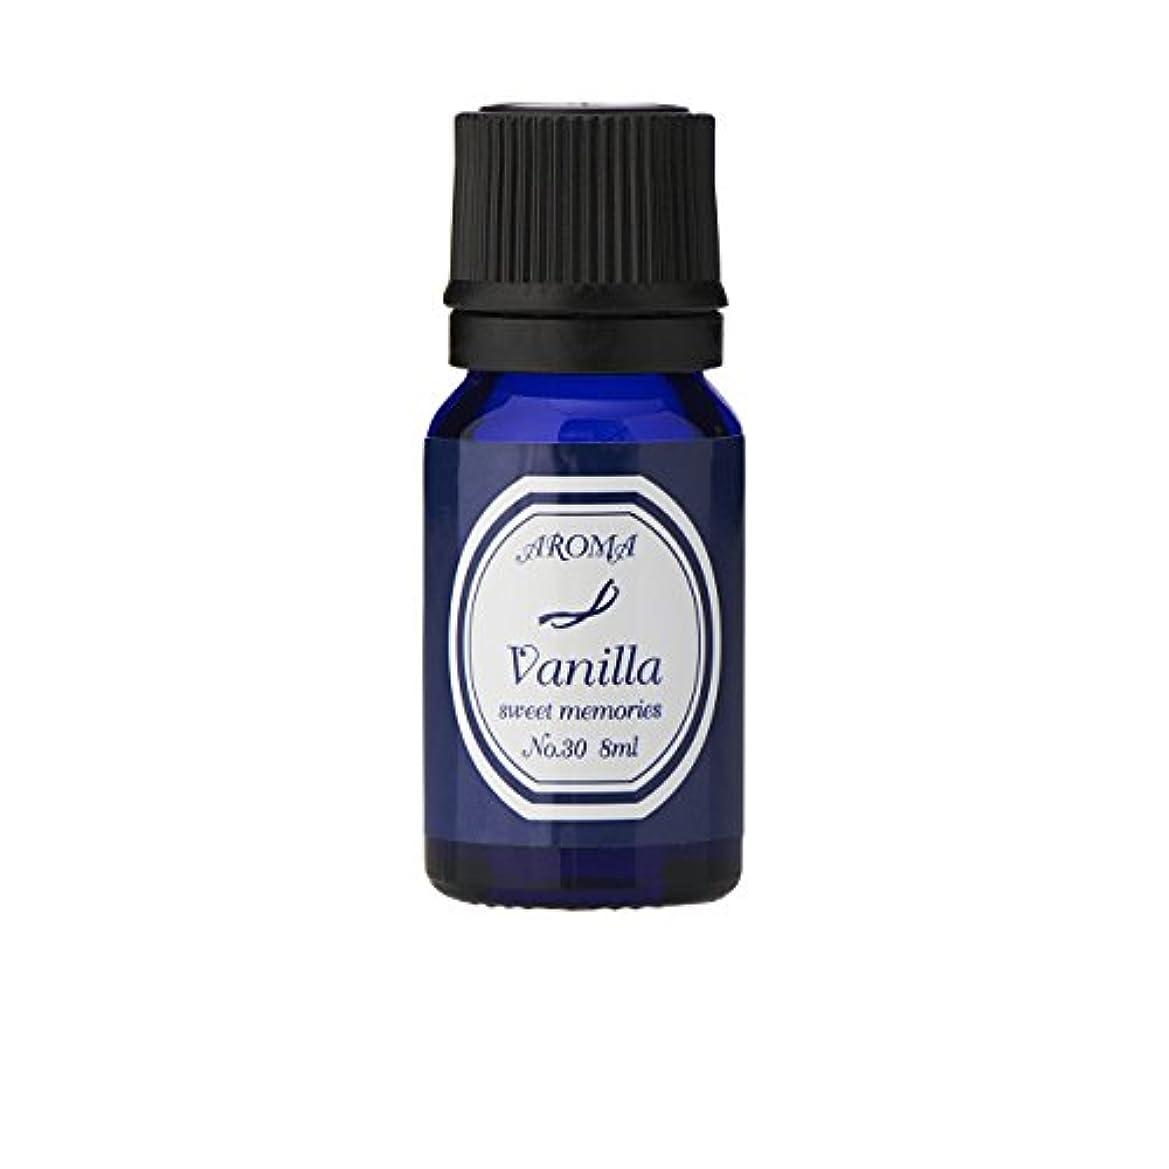 スライス迫害するはずブルーラベル アロマエッセンス8ml バニラ(アロマオイル 調合香料 芳香用)